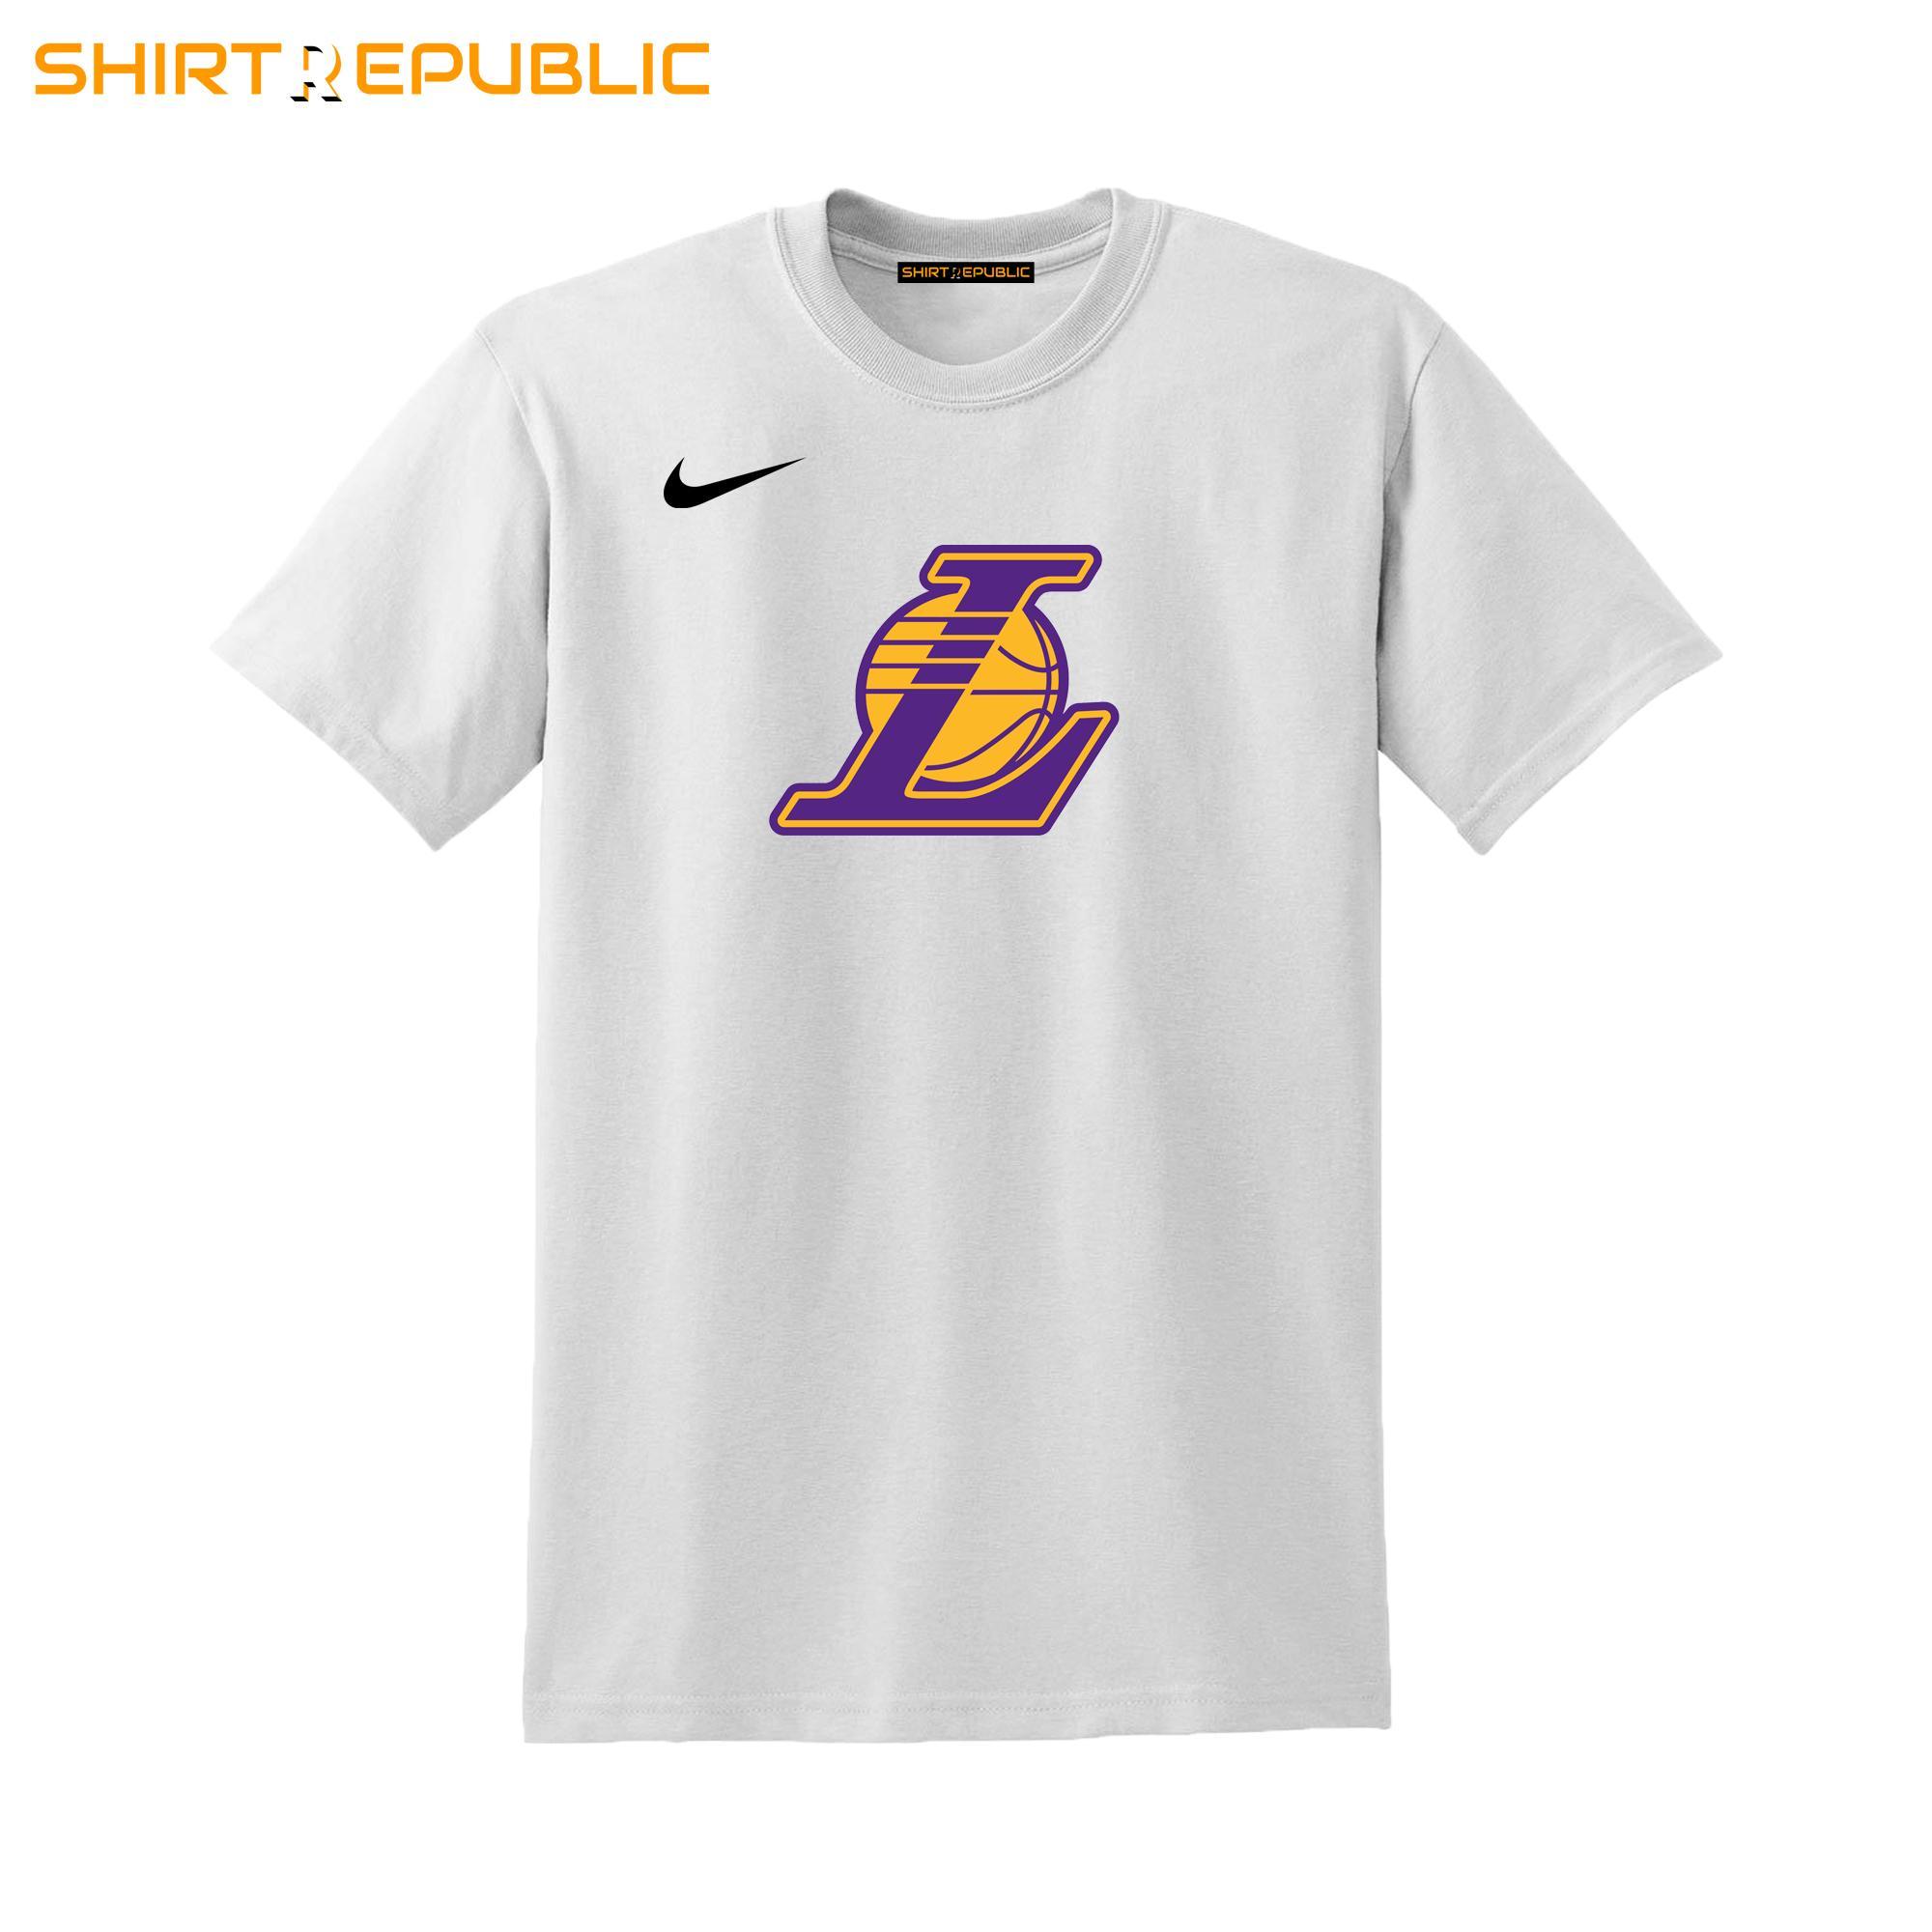 promo code f1dc0 0f9f4 Los Angeles Lakers Shirt / NBA T-Shirt (Premium Thick Cotton Tshirt) -  ShirtRepublic